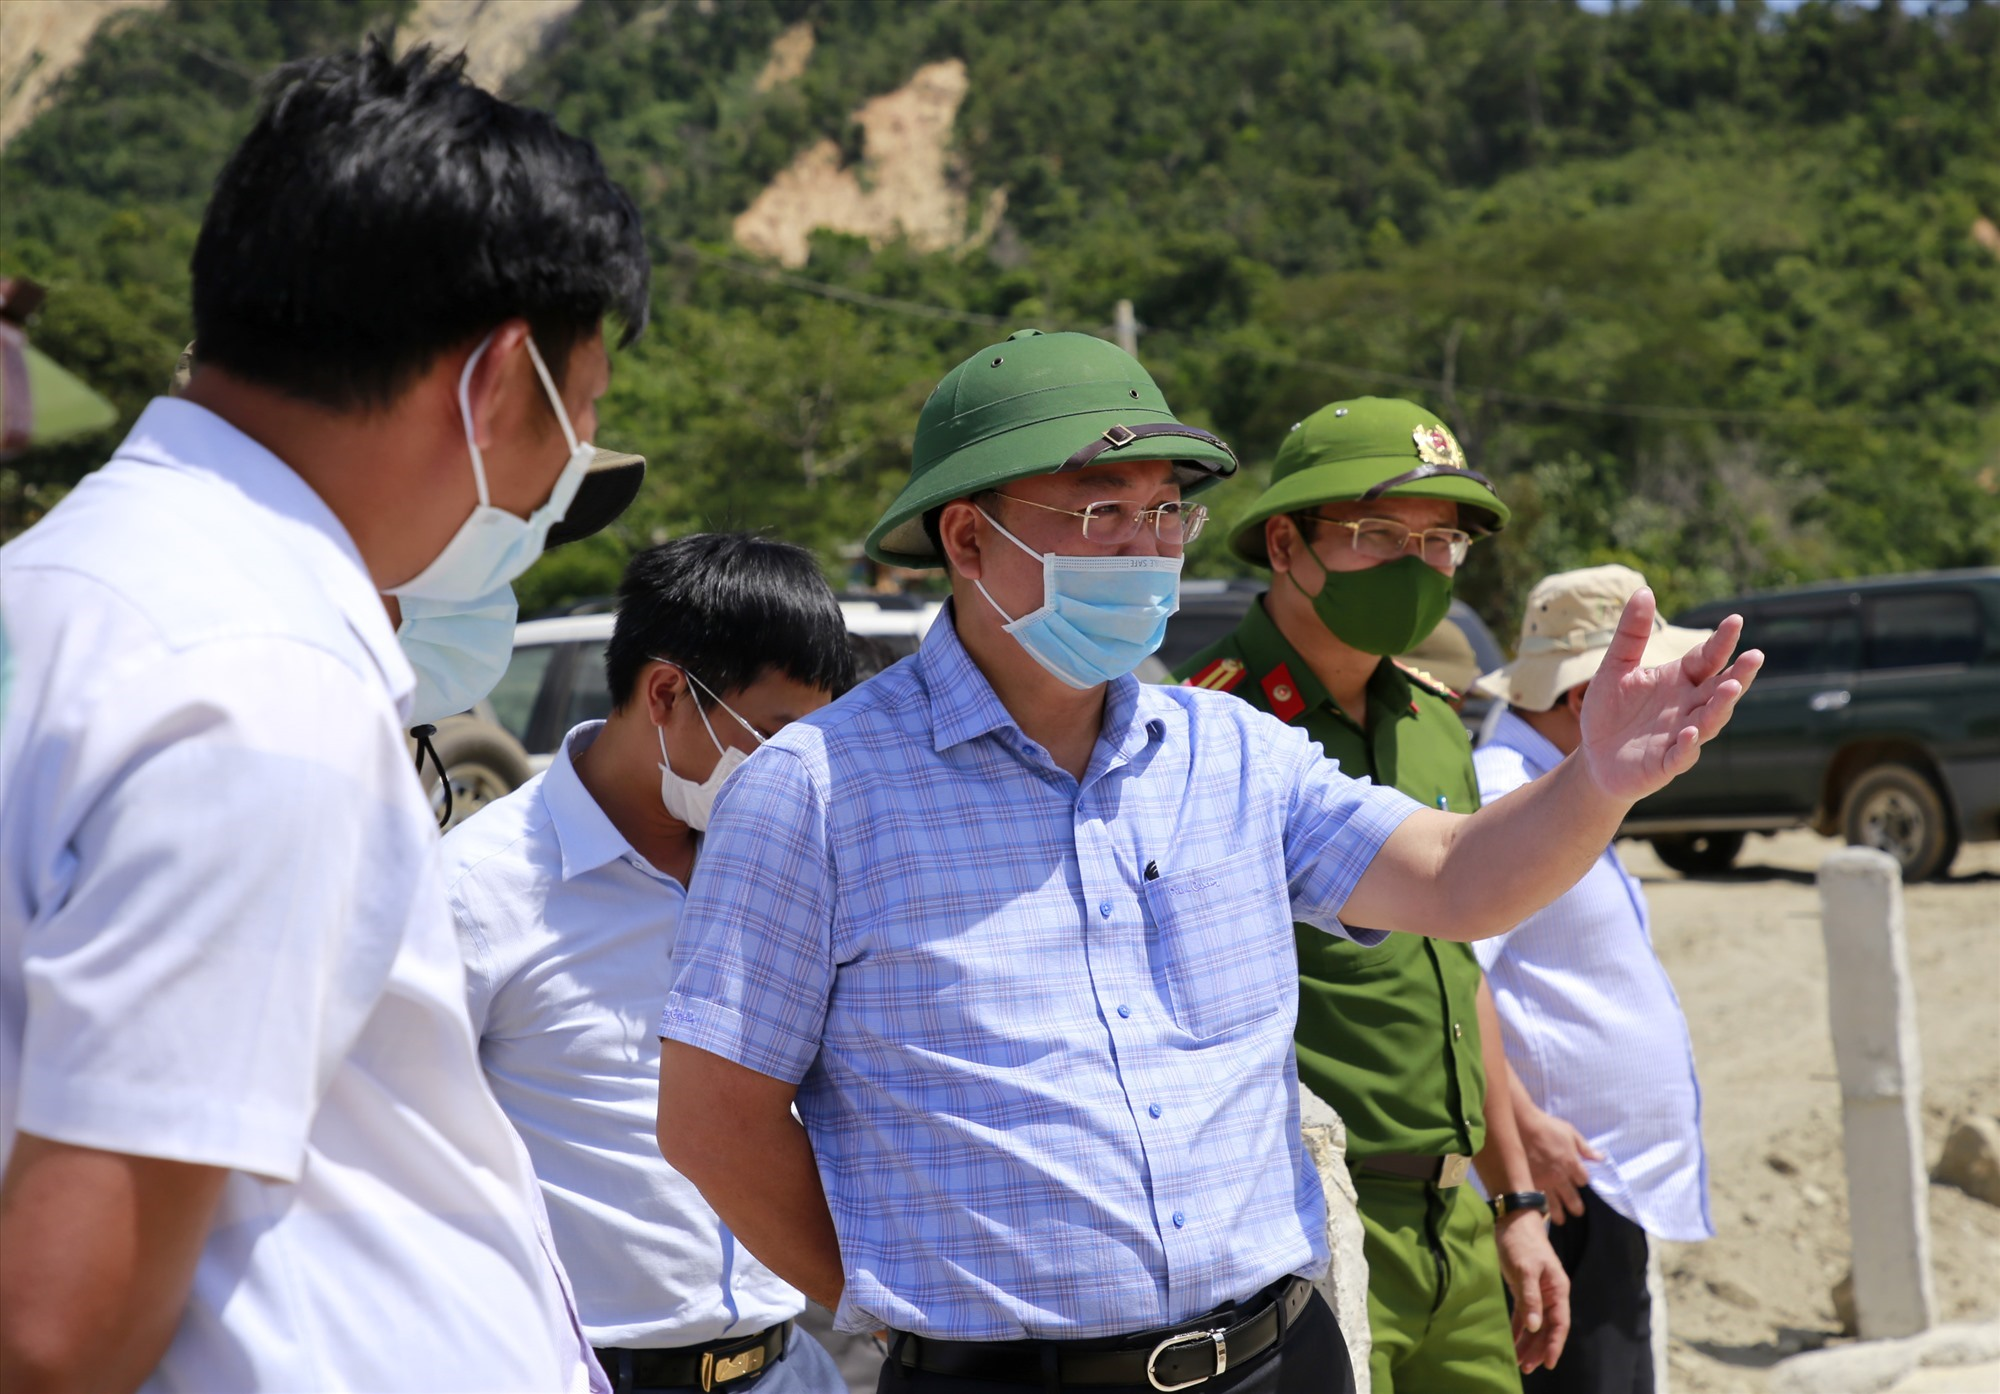 Đồng chí Lê Trí Thanh cùng đoàn công tác kiểm tra tiến độ tái định cư cho người dân vùng sạt lở. Ảnh: T.C